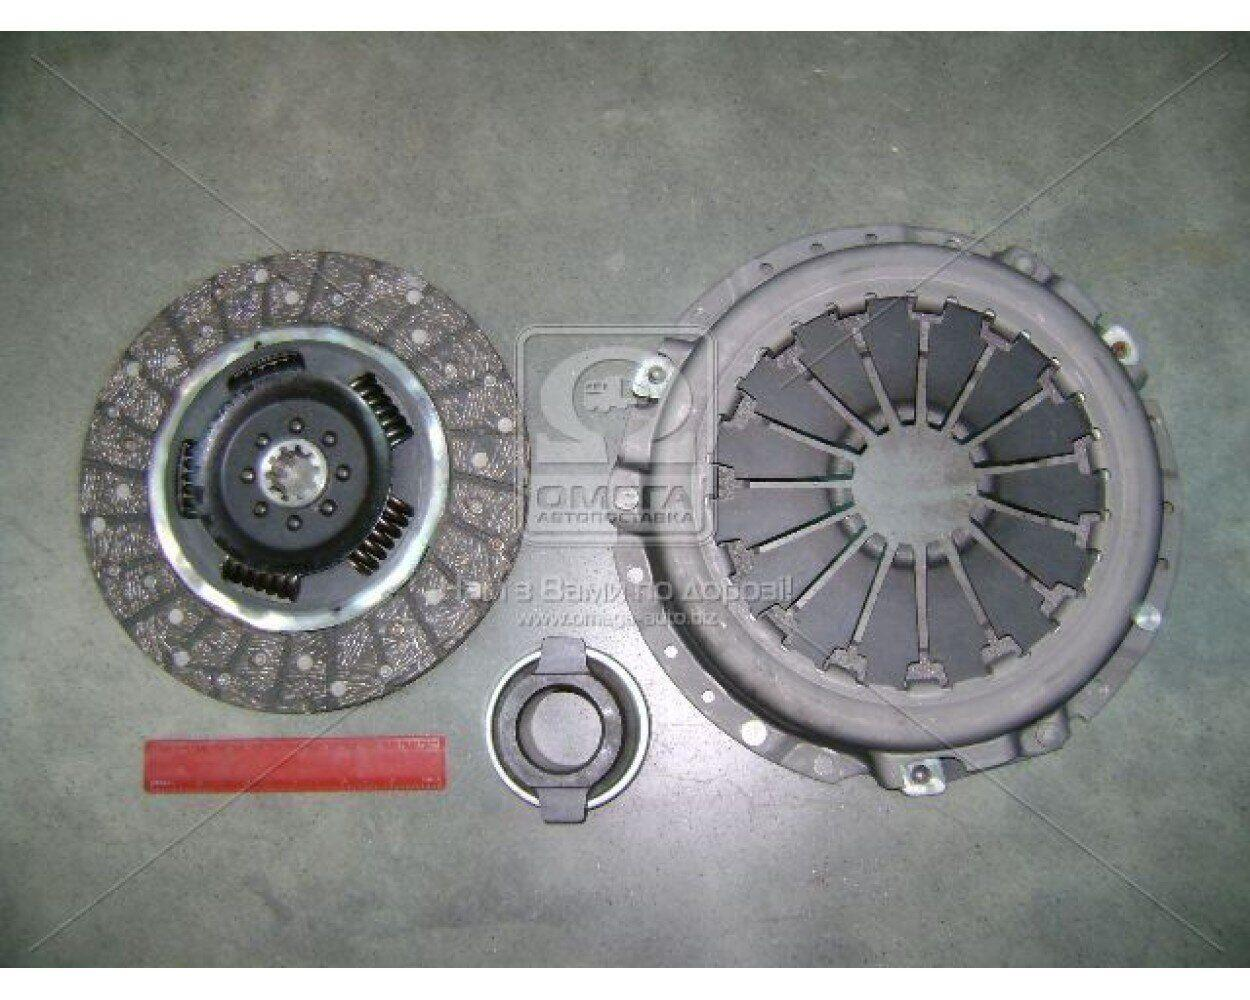 Сцепление ГАЗ 3302, 406 (диск нажимной, ведомый, подшипник) (комплект) | (ГАЗ)